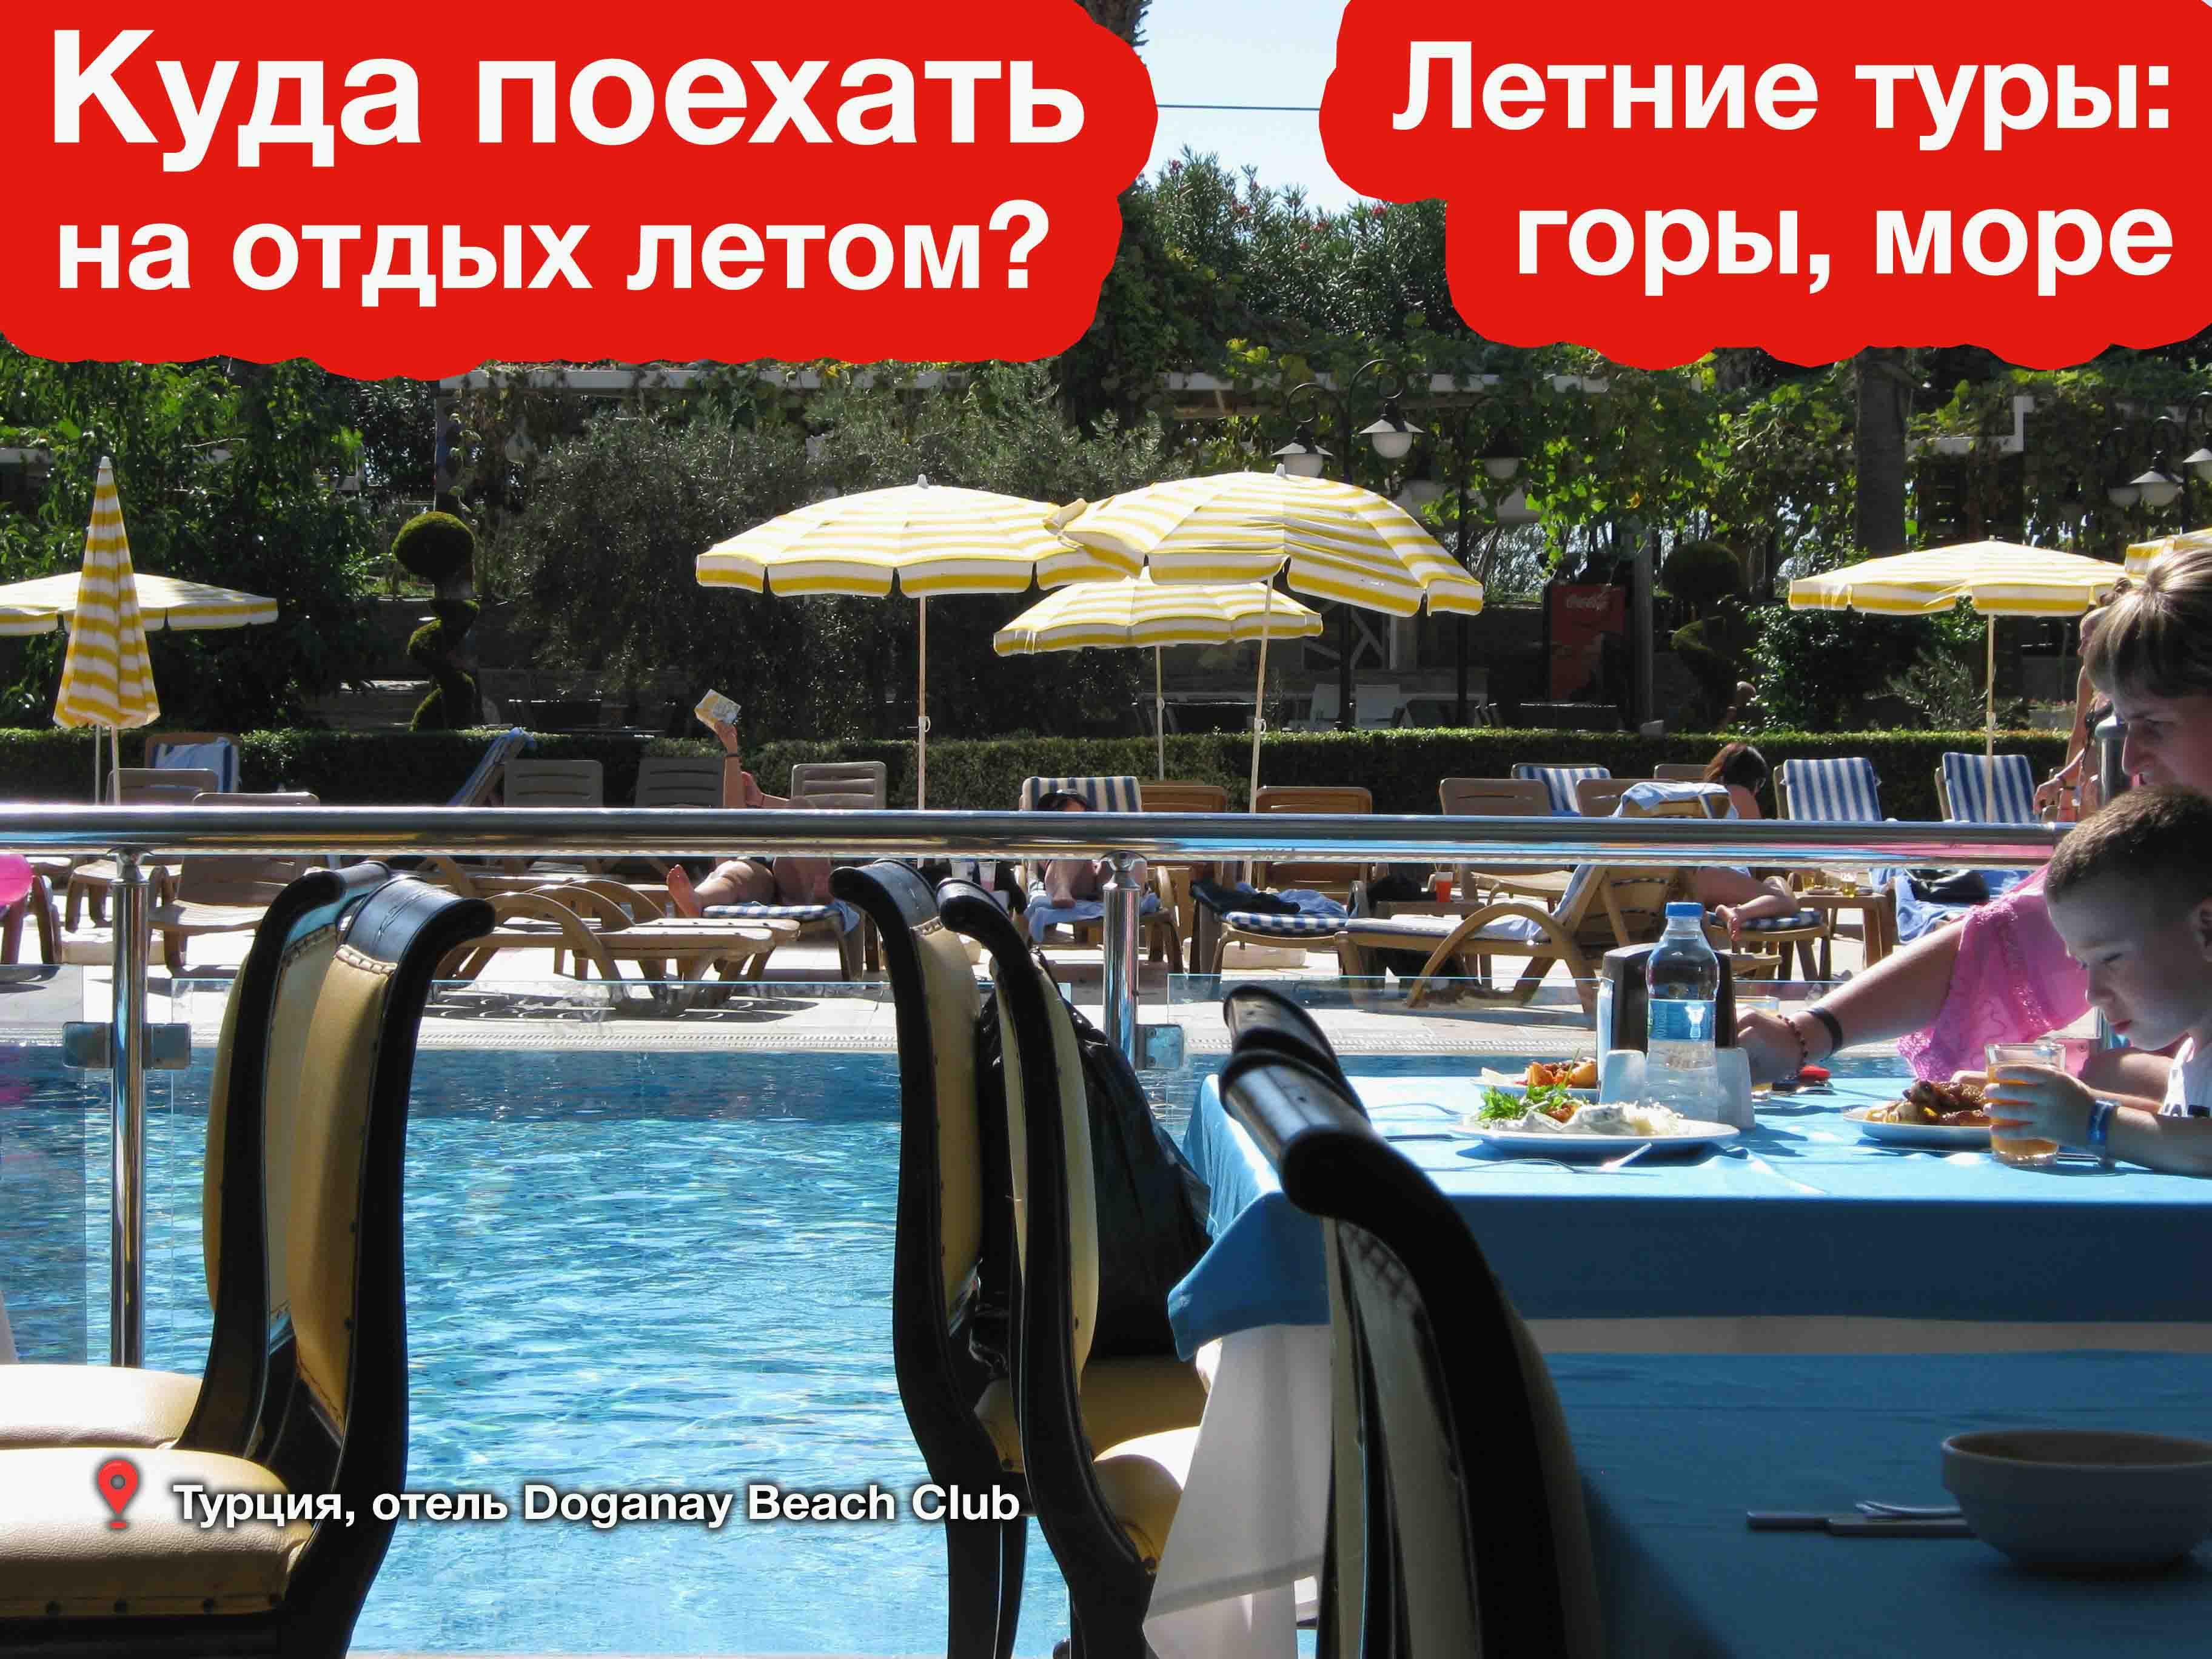 Отдых летом, Турция, отель Doganay Beach Club.